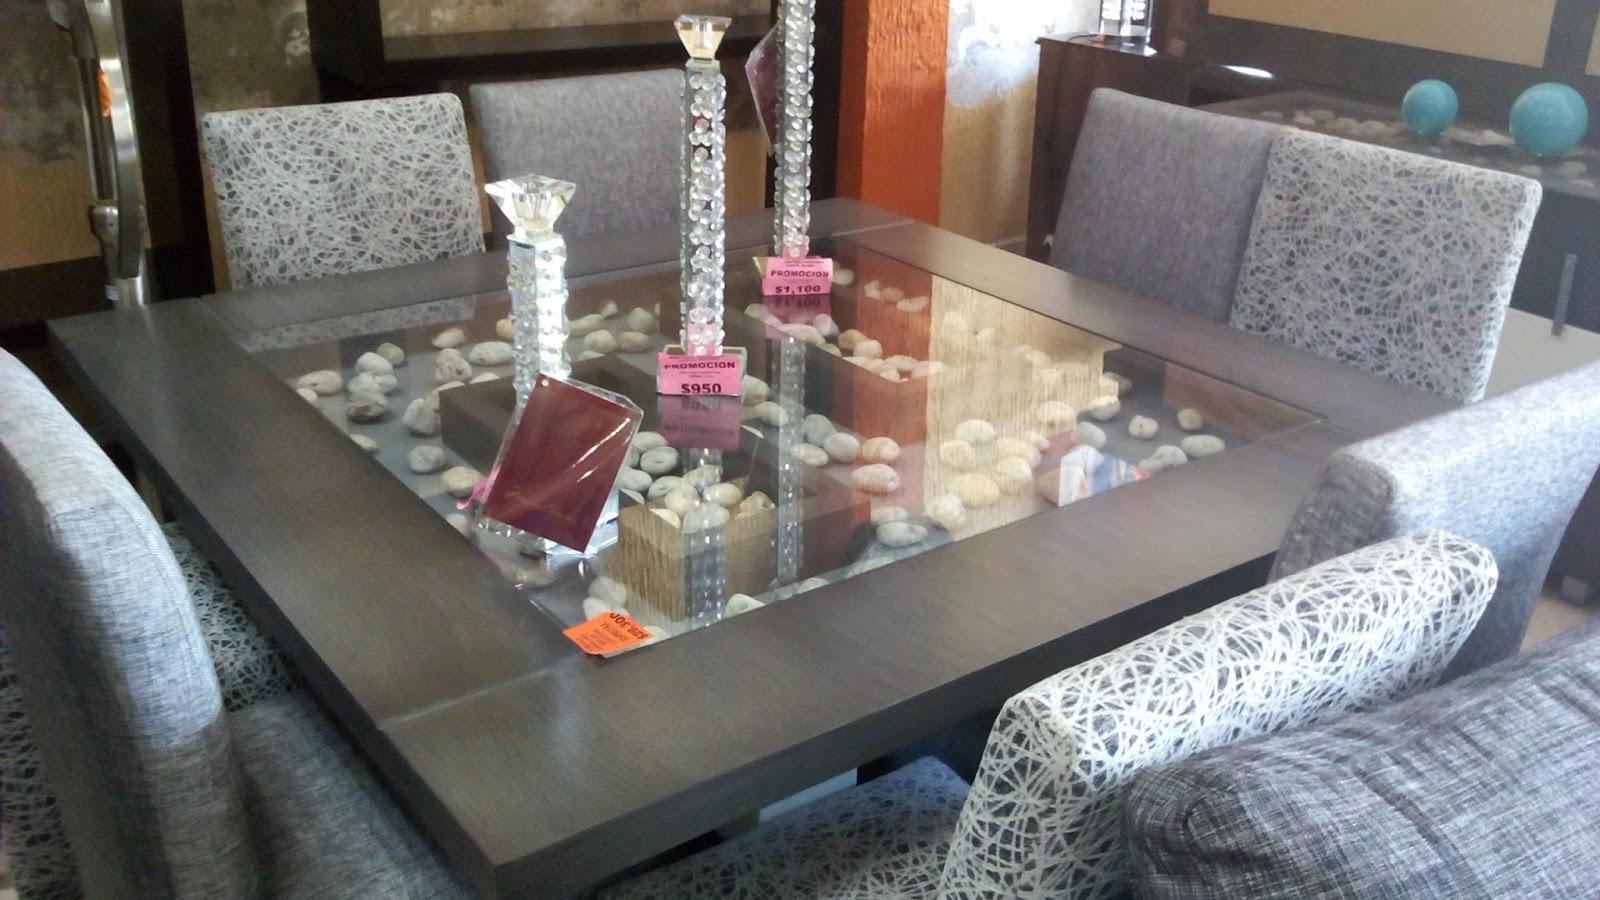 El bodeg n del mueble ante comedores y comedores for Comedores y antecomedores